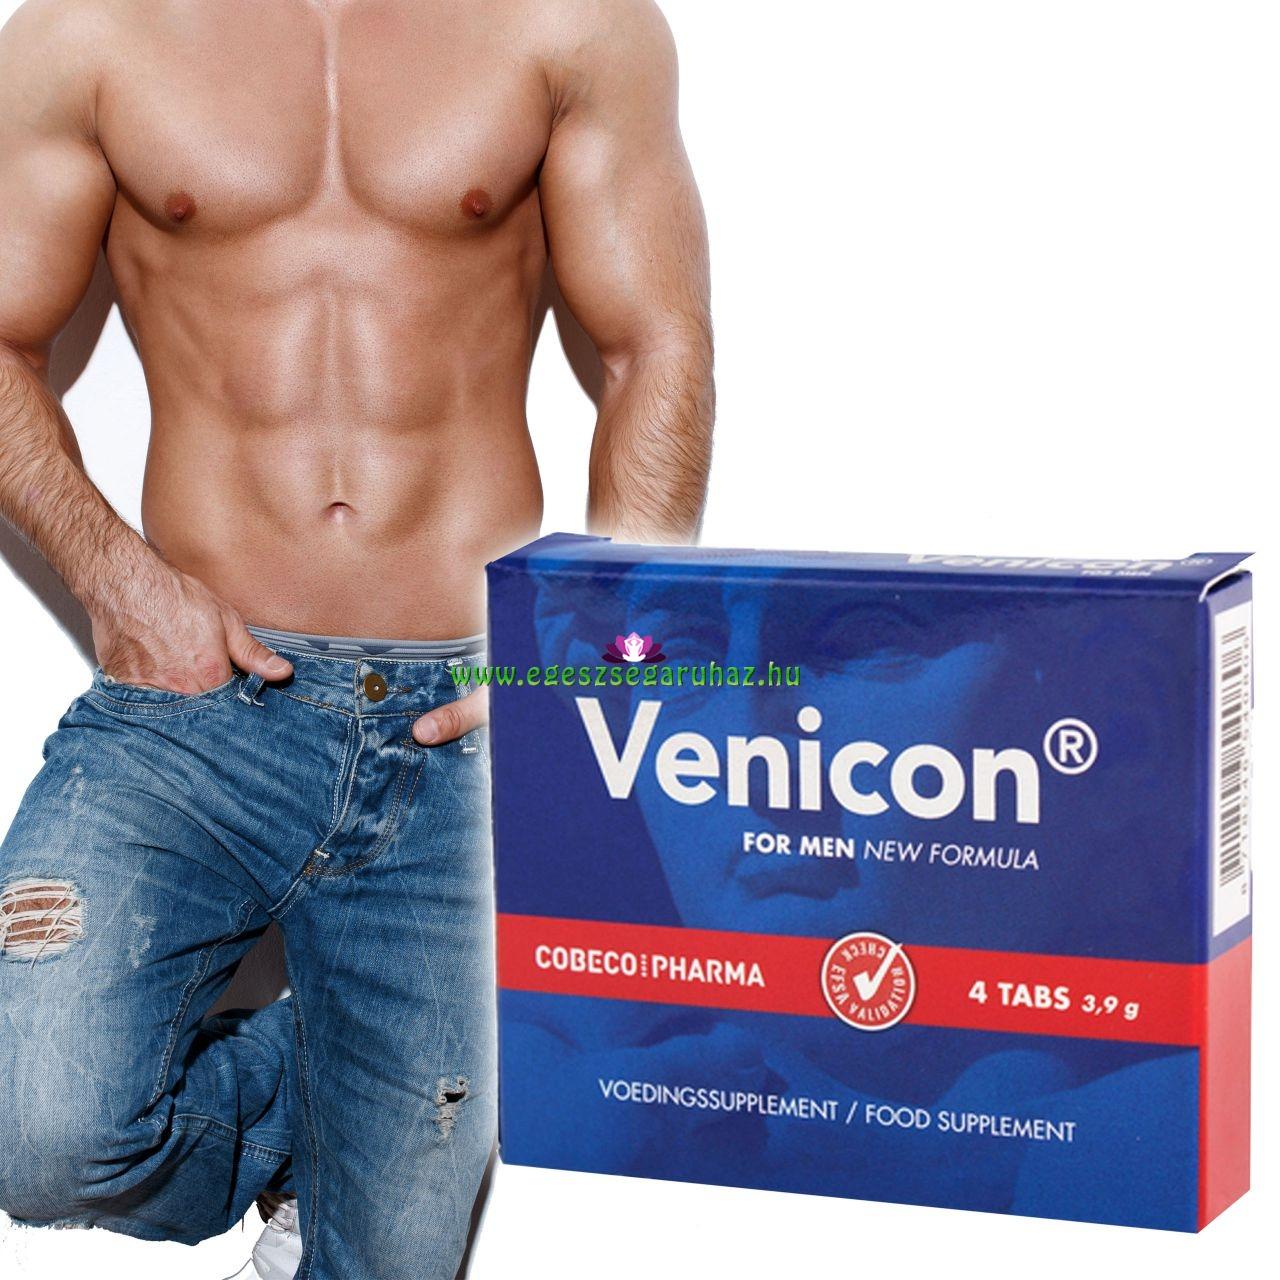 Shunga Dragon Cream vágyfokozó, férfiasság- és orgazmusnövelő krém férfiaknak